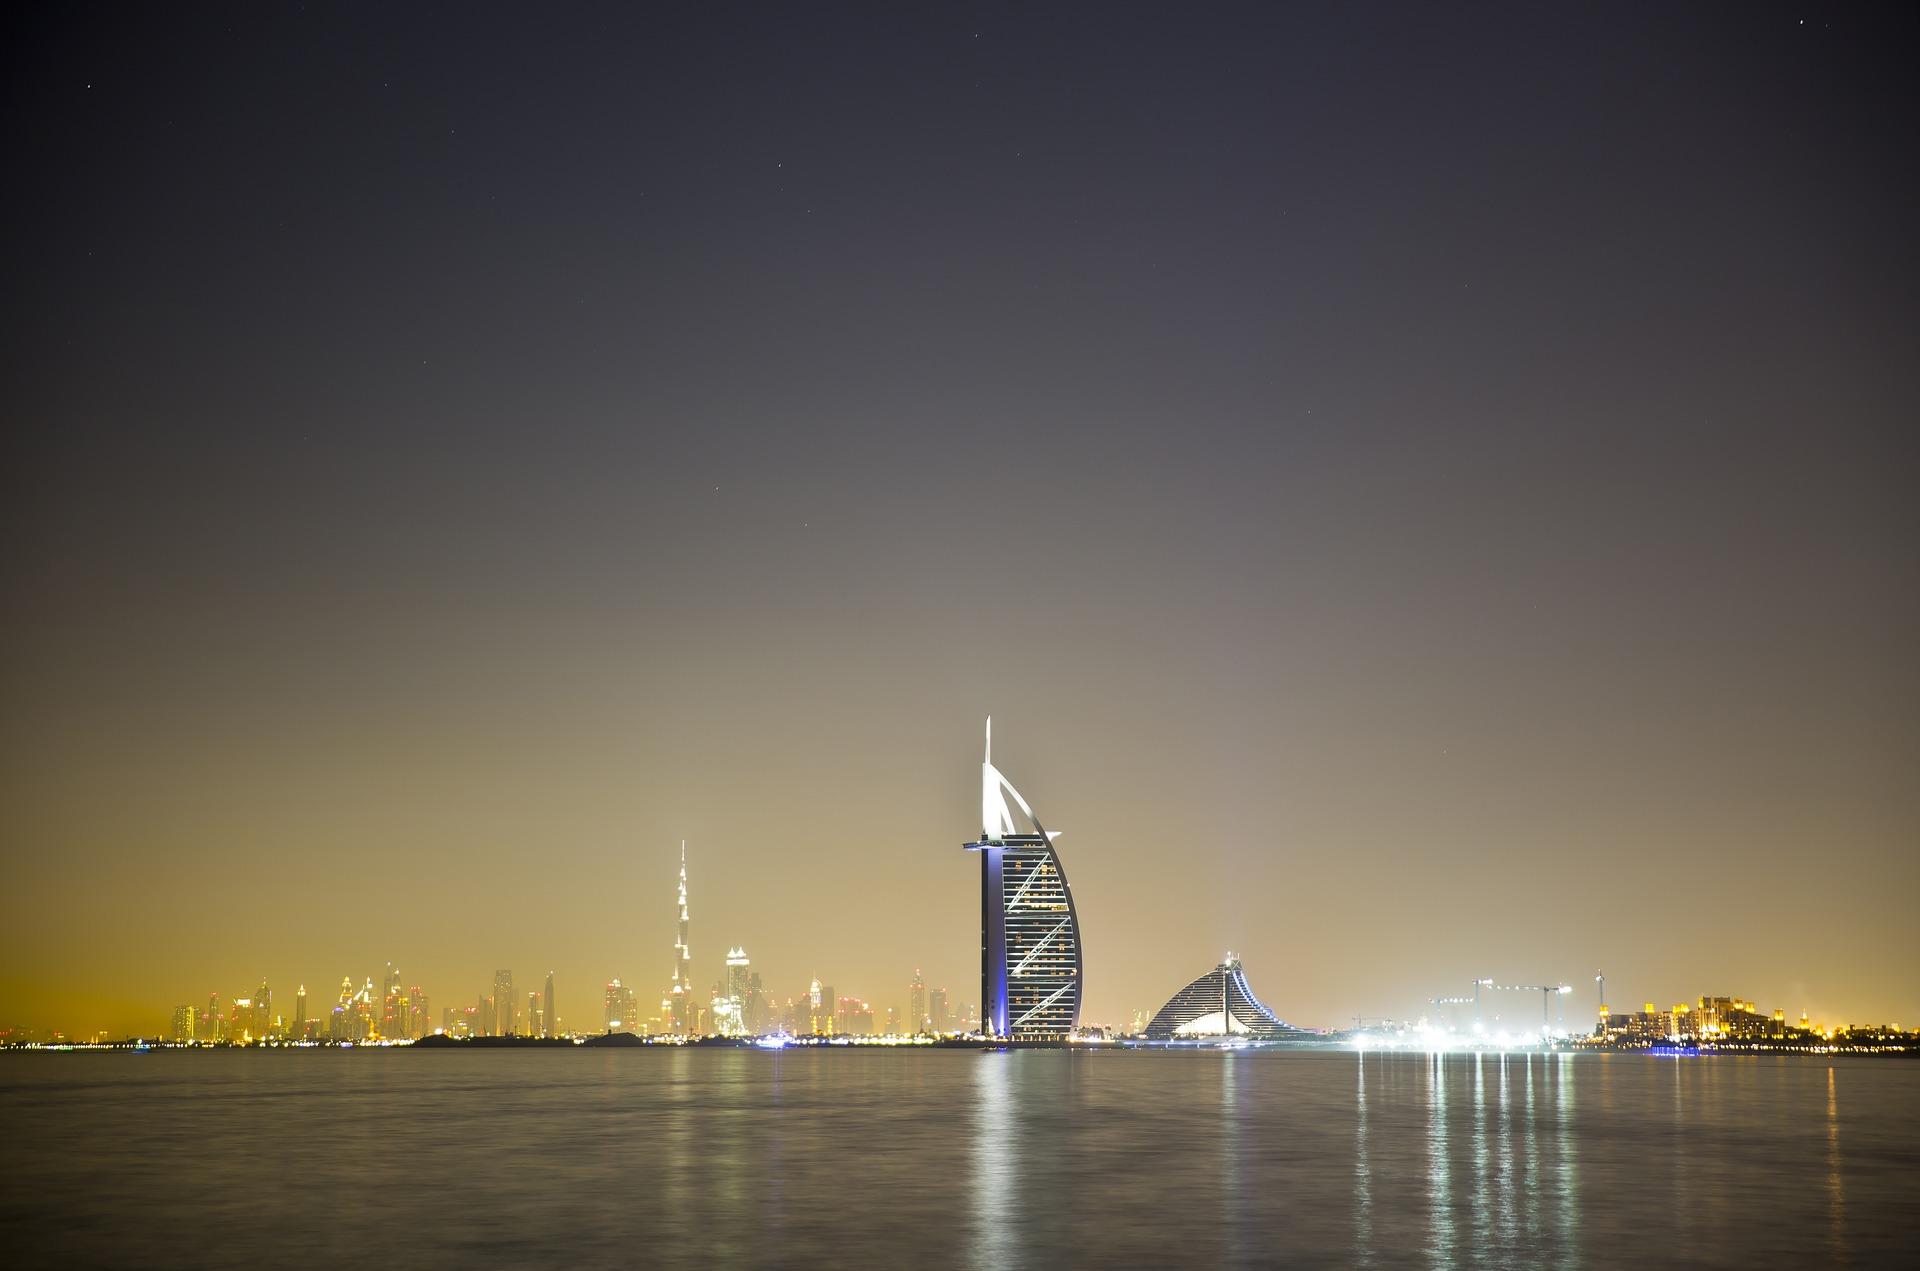 Sharjah Dubai günstiges Hotel ab 19,00€ die Nacht